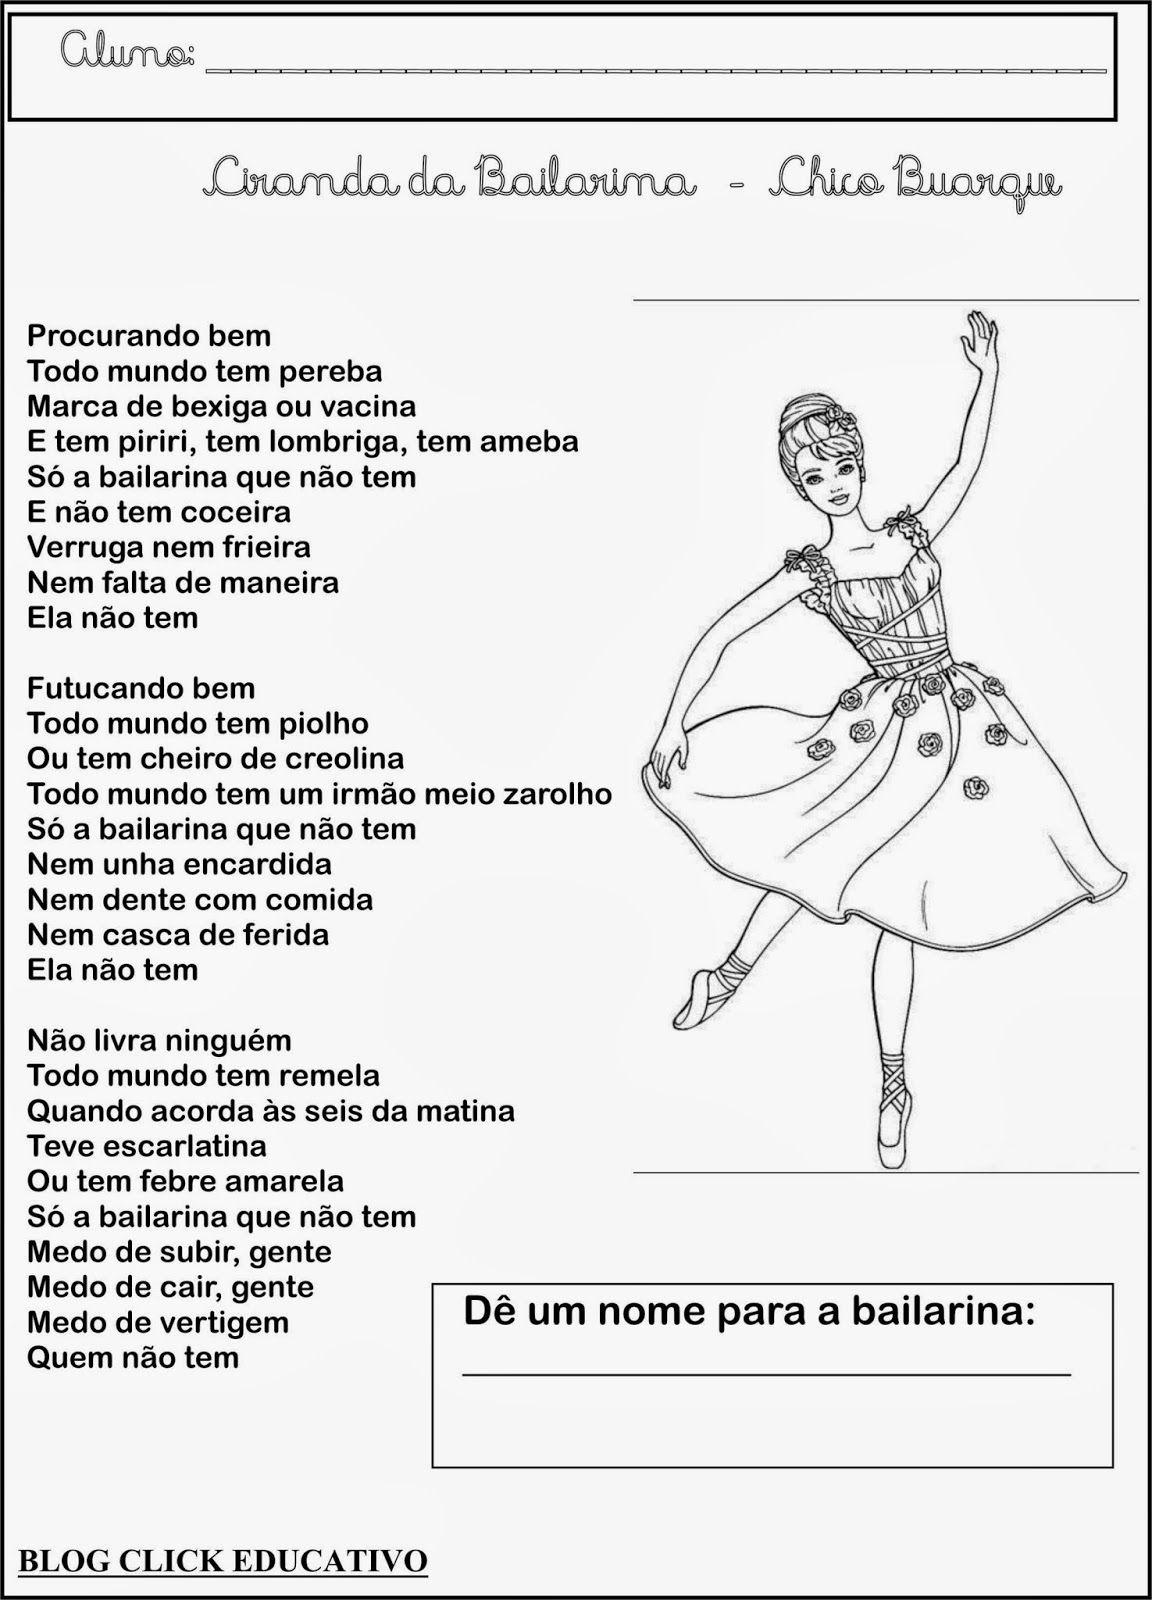 ciranda da bailarina chico buarque